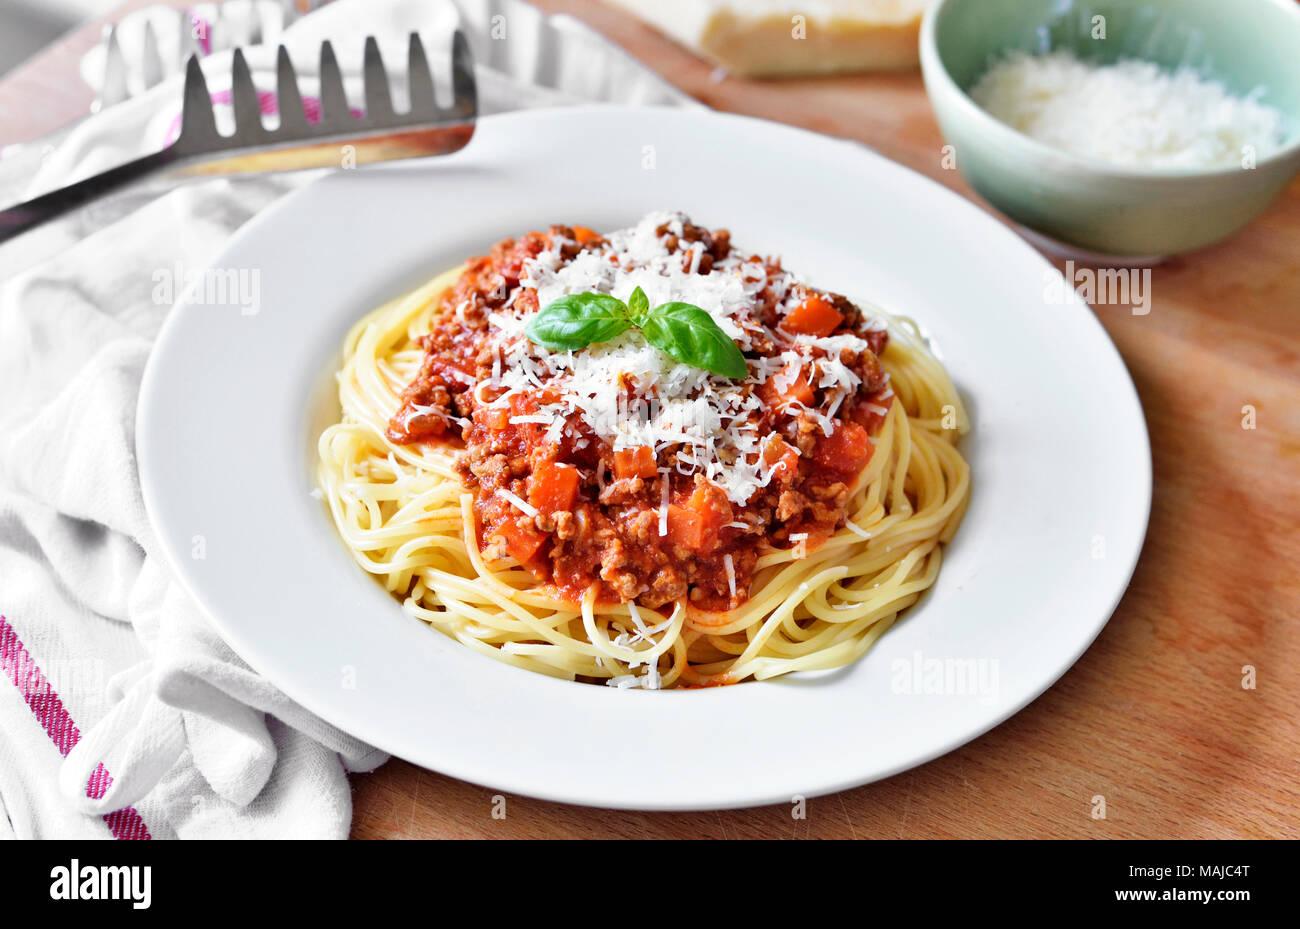 Leckere Pasta essen, Spaghetti Bolognese auf einem weißen Teller. Nudelgericht, traditionelle italienische Küche mit Parmesan Käse, Hackfleisch und Basil leaf. Stockbild